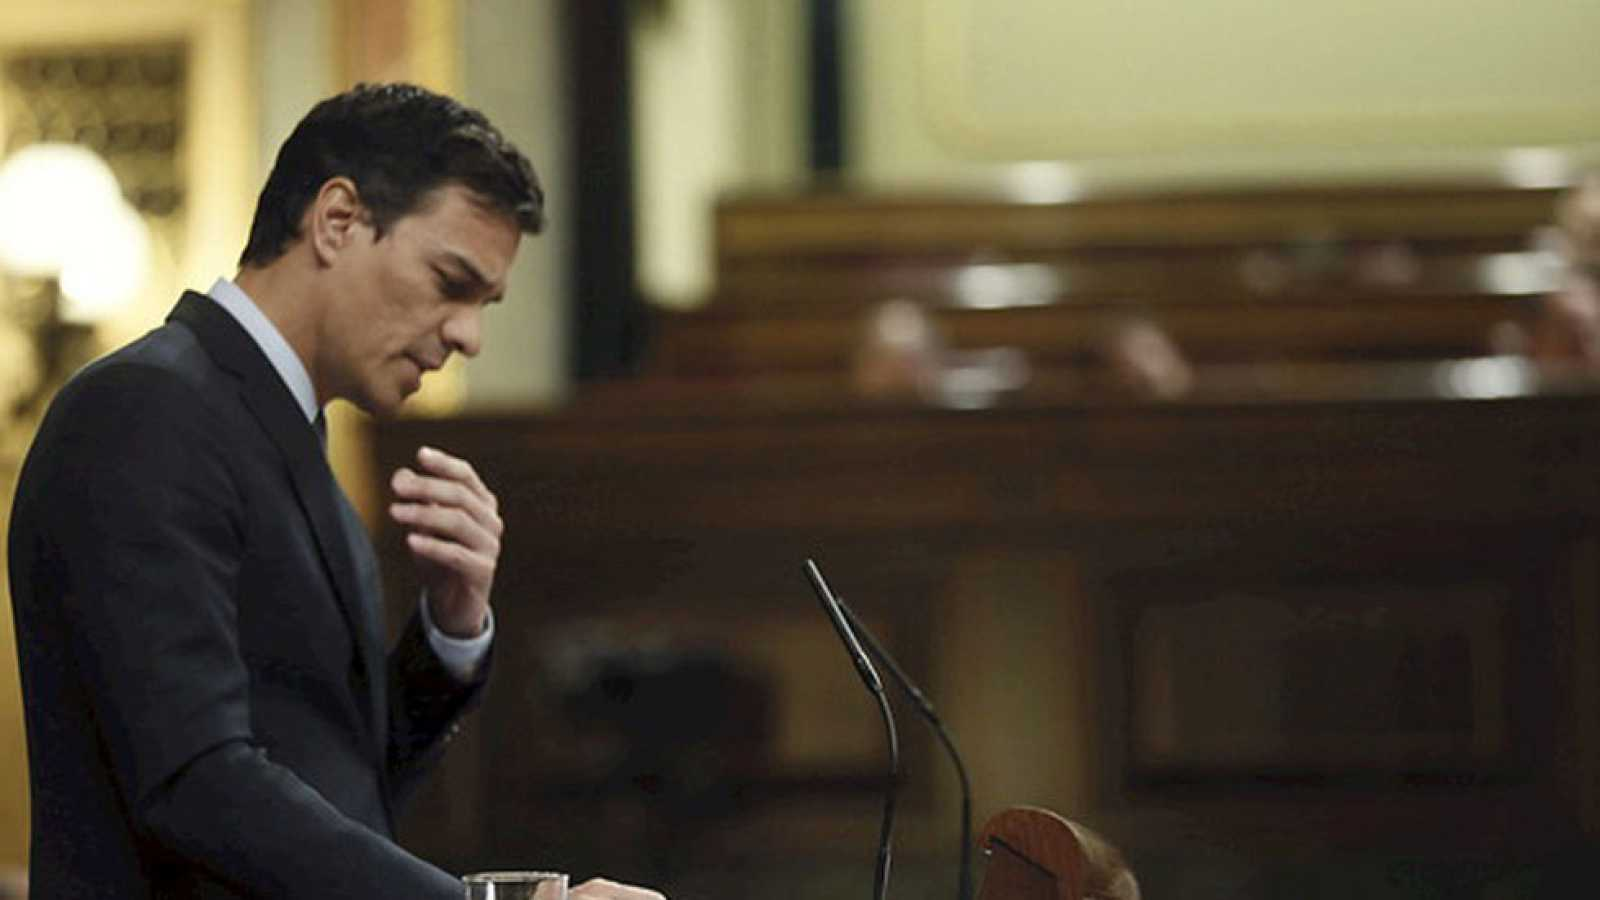 La oposición exige que se aclare si Rato se acogió a la amnistía y Sánchez pide que Montoro dimita